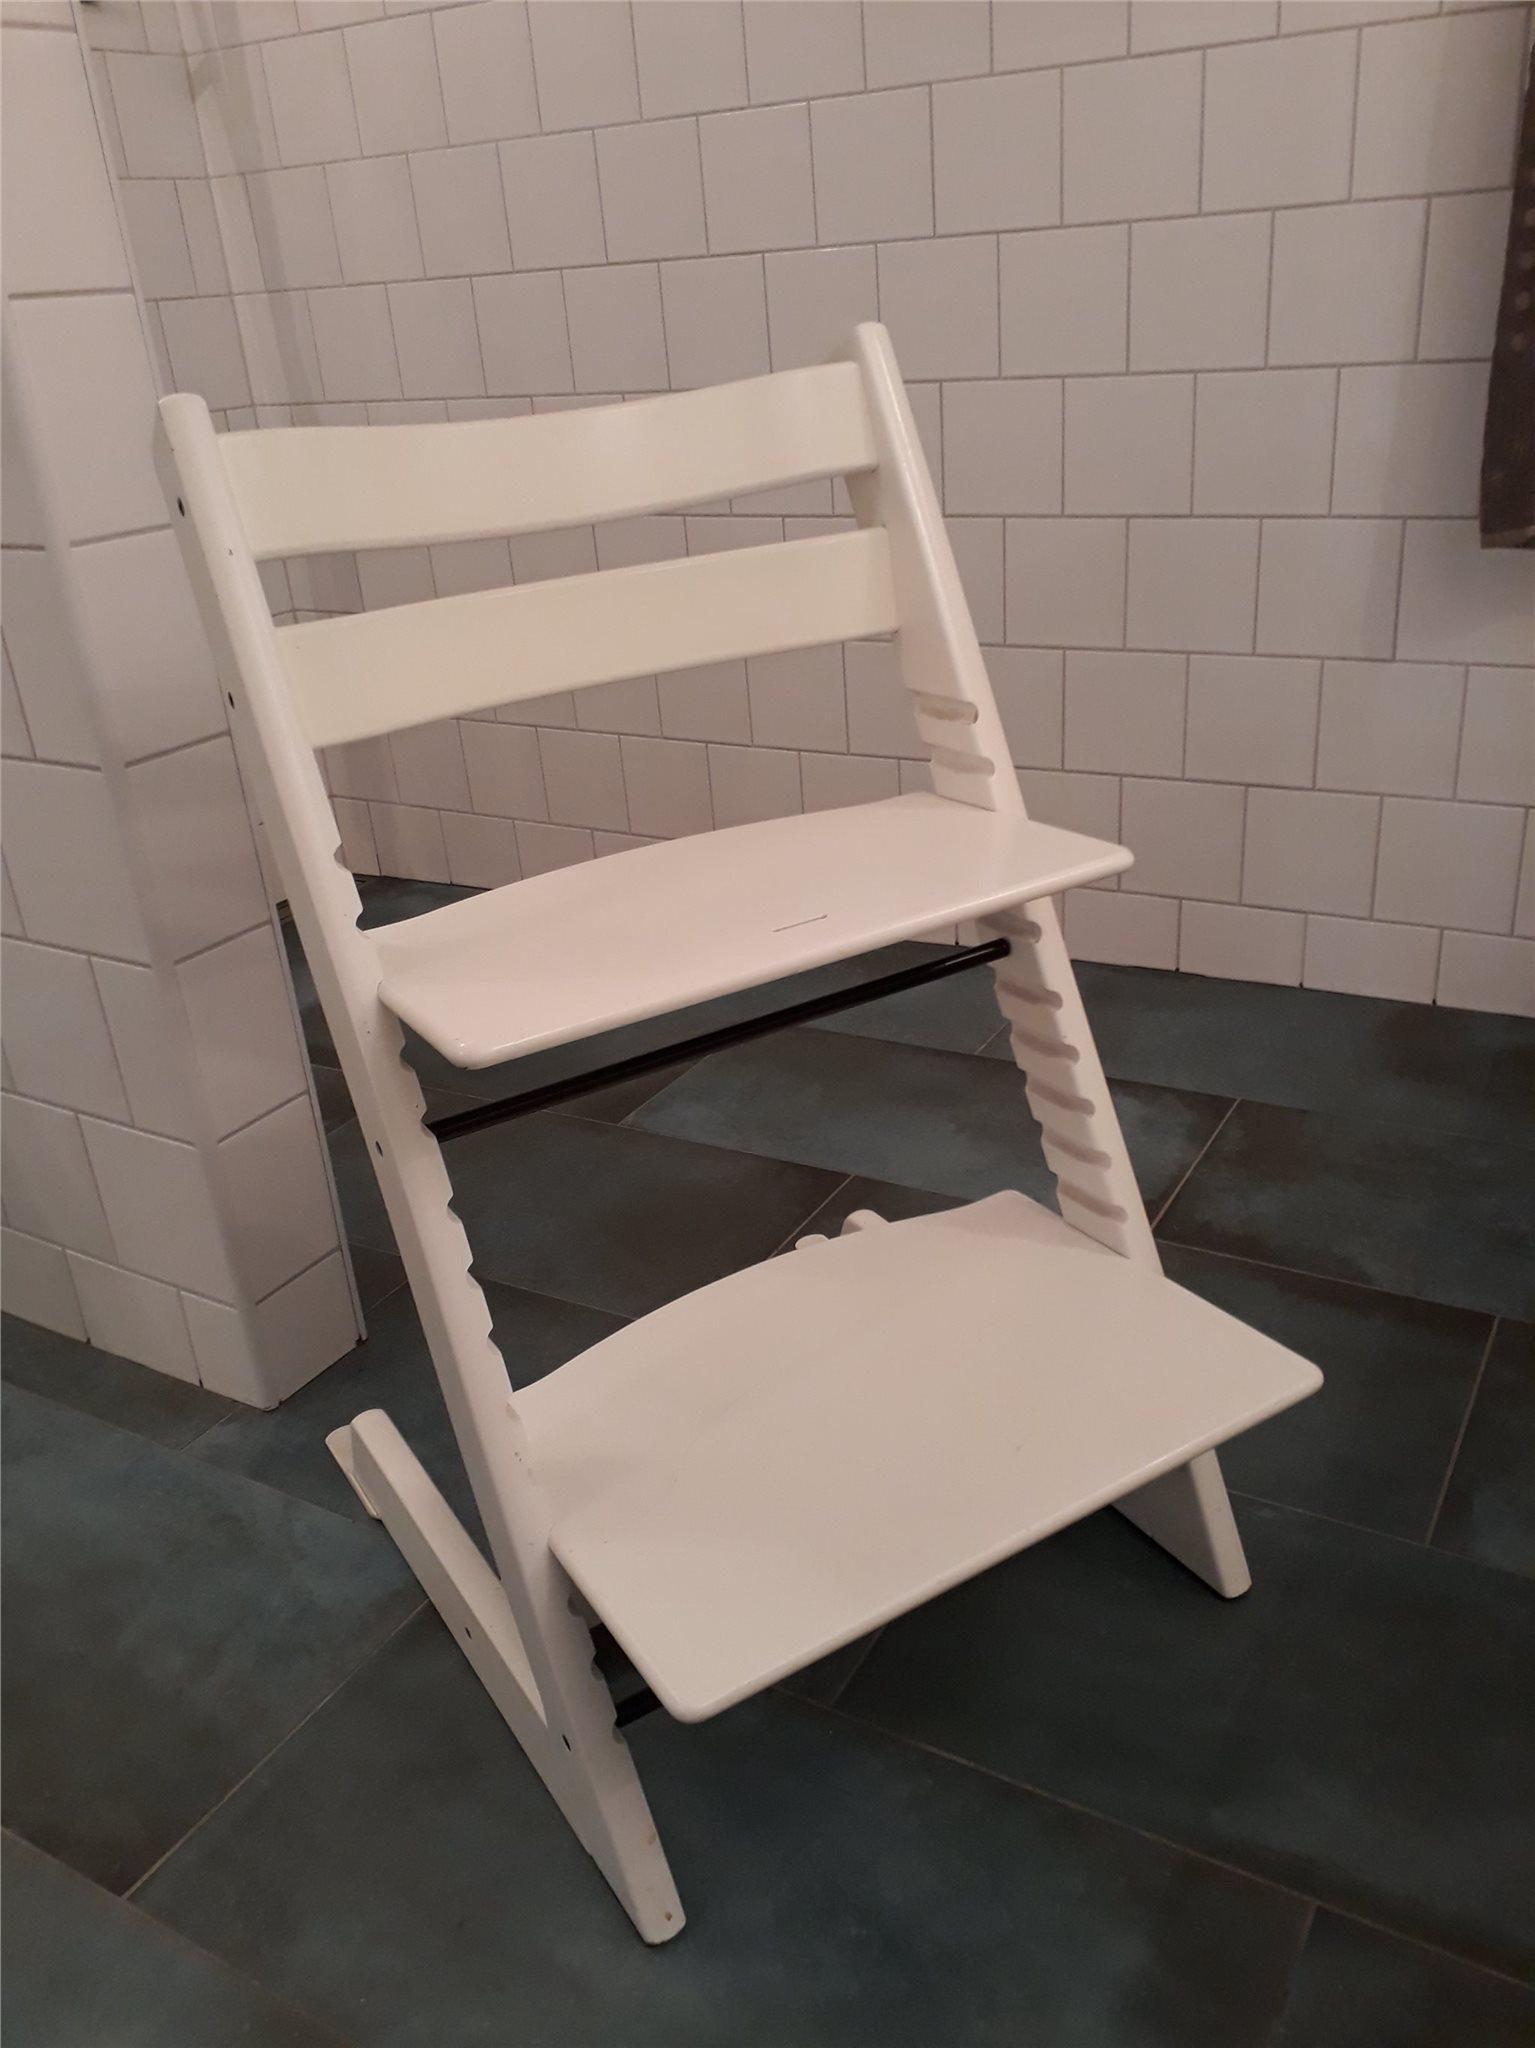 vit tripp trapp stol (309826617) ᐈ köp på tradera